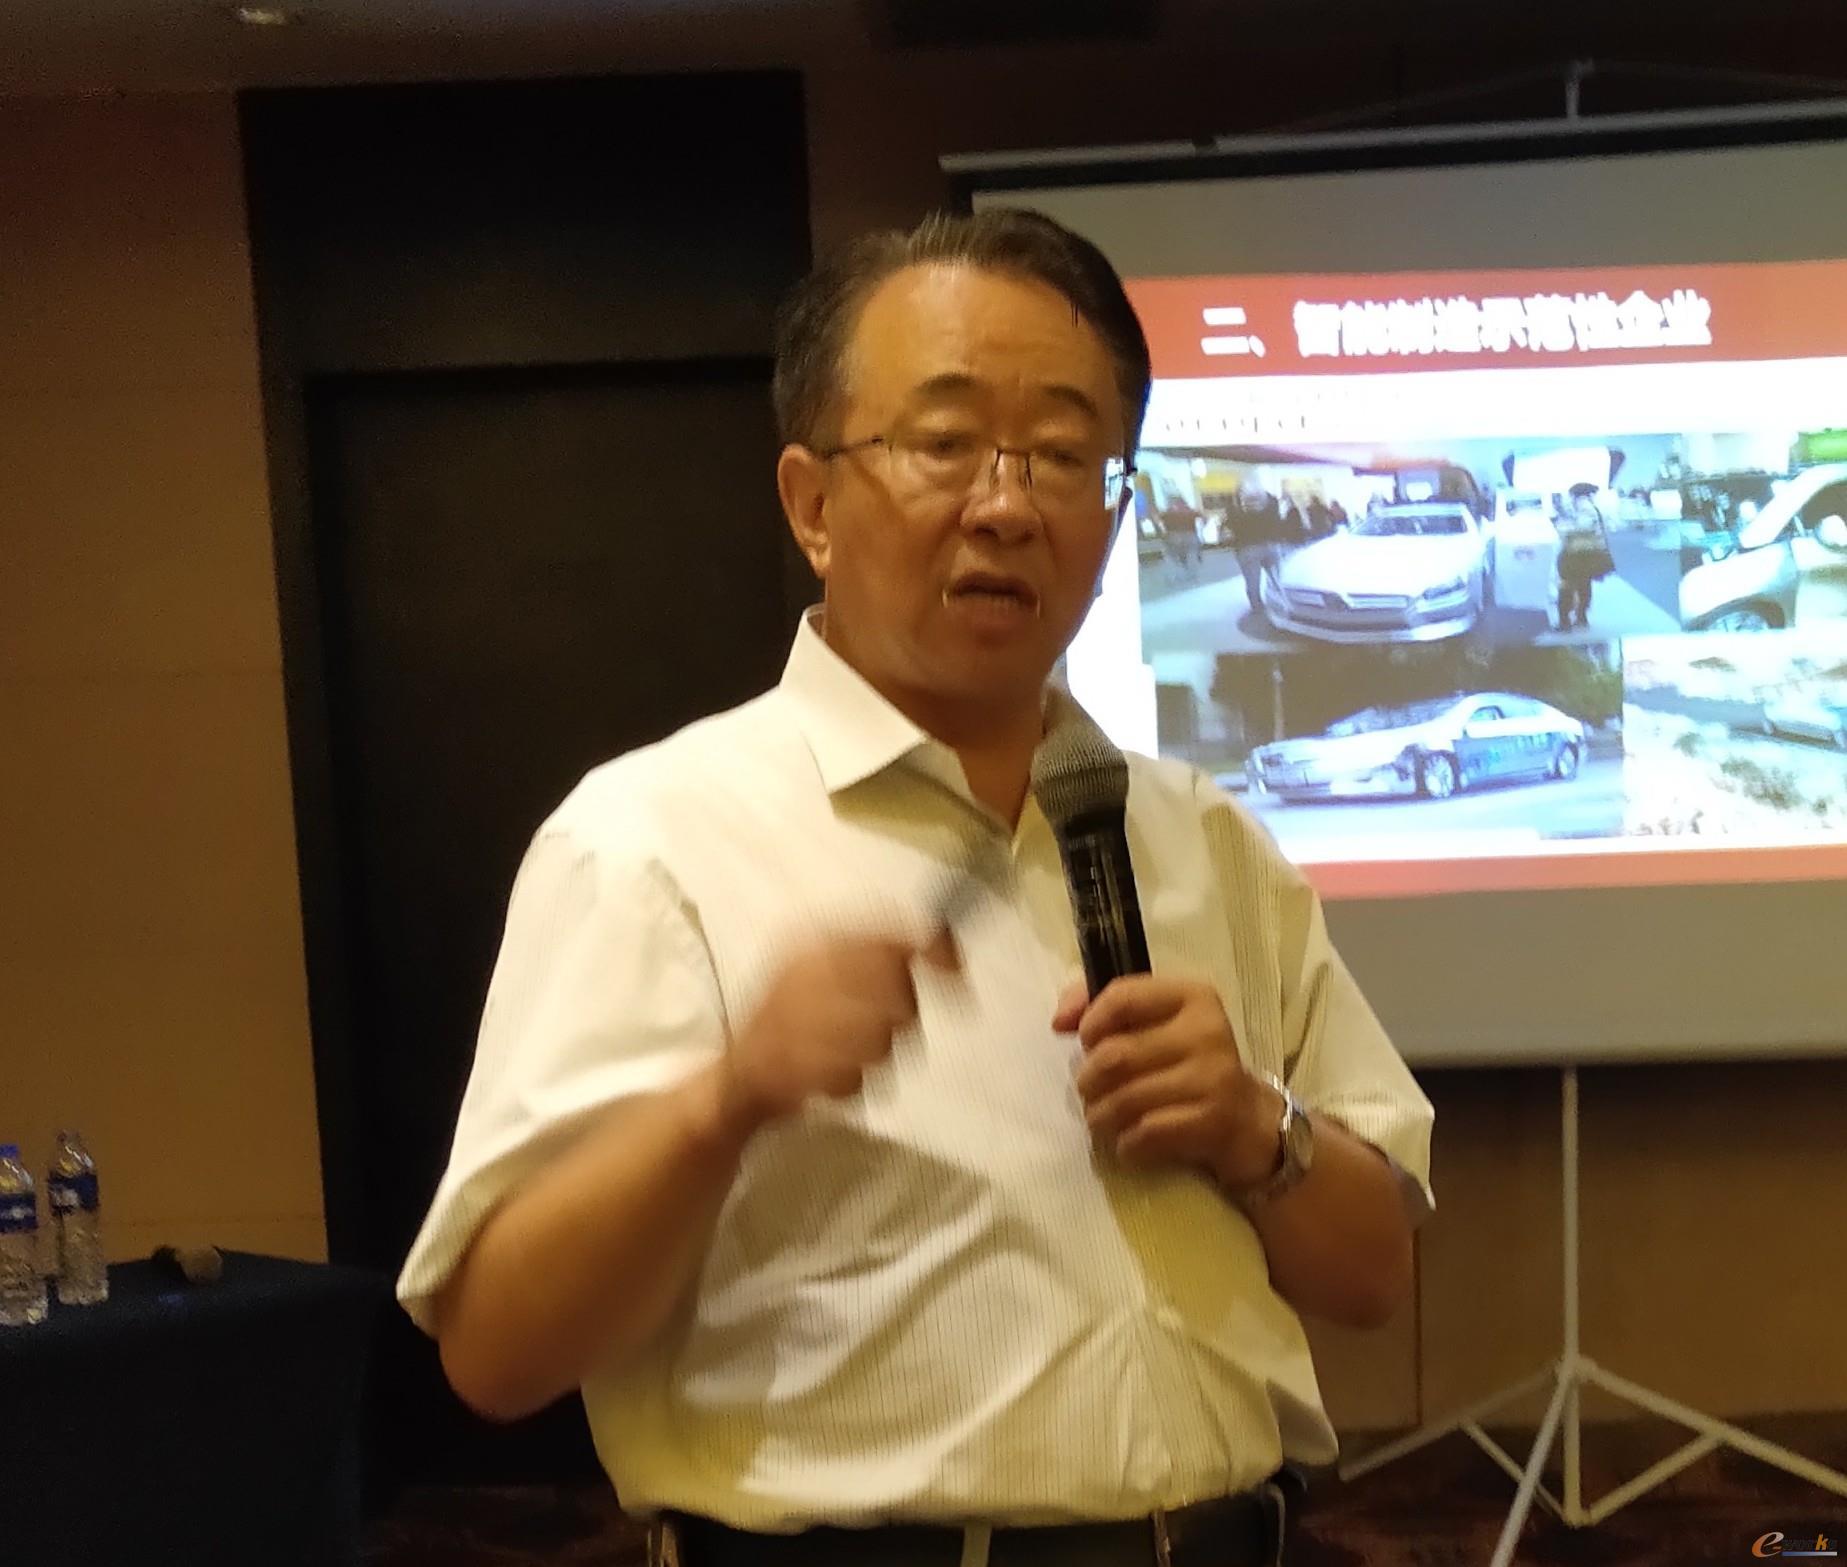 苏州大学应用技术学院工学院院长 尤凤祥